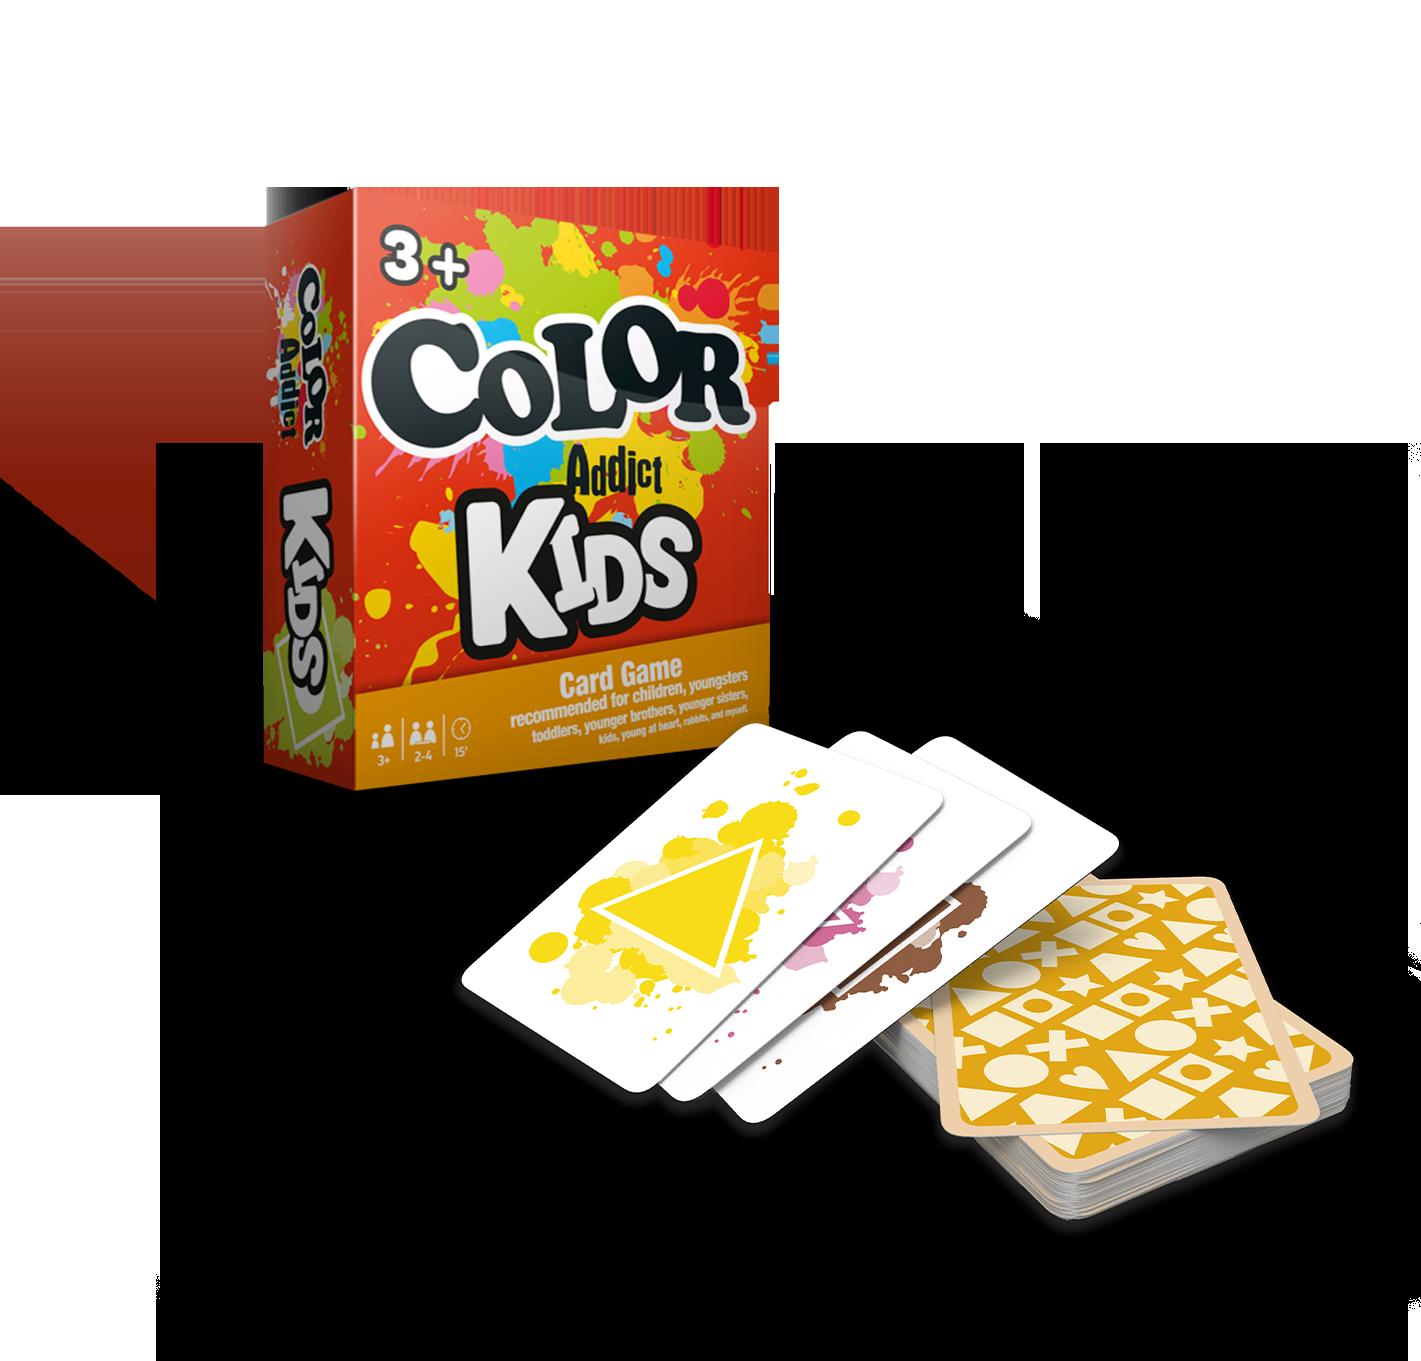 color addict gra cartamundi, gra dla dzieci, kreatywne gry dla dzieci, gry na prezent